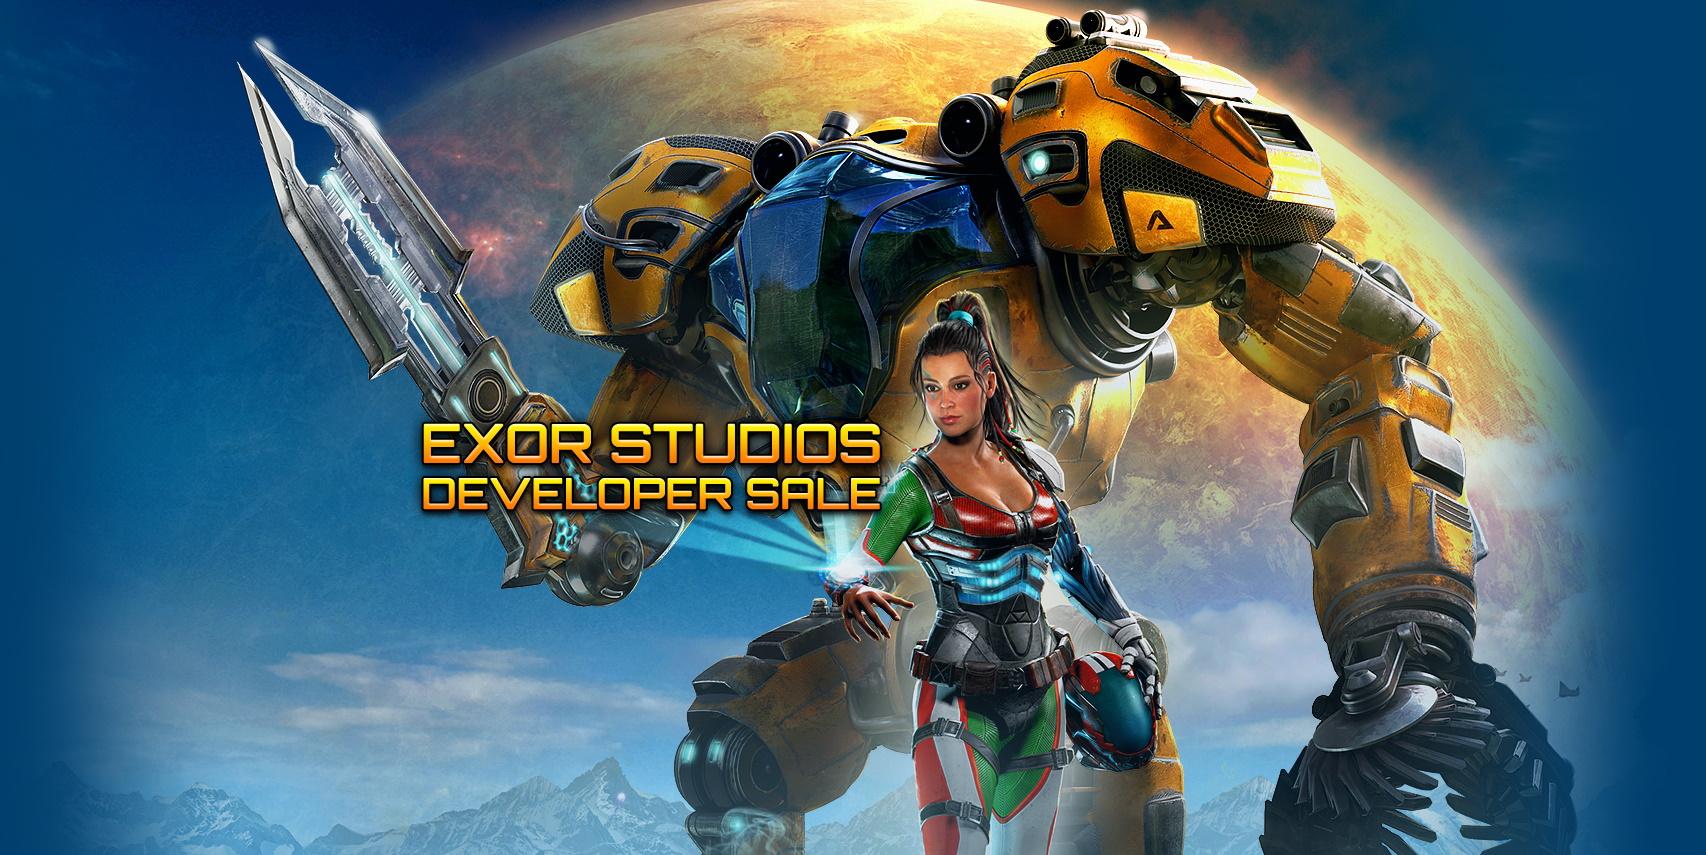 В Steam стартовала распродажа издателя Exor Studios